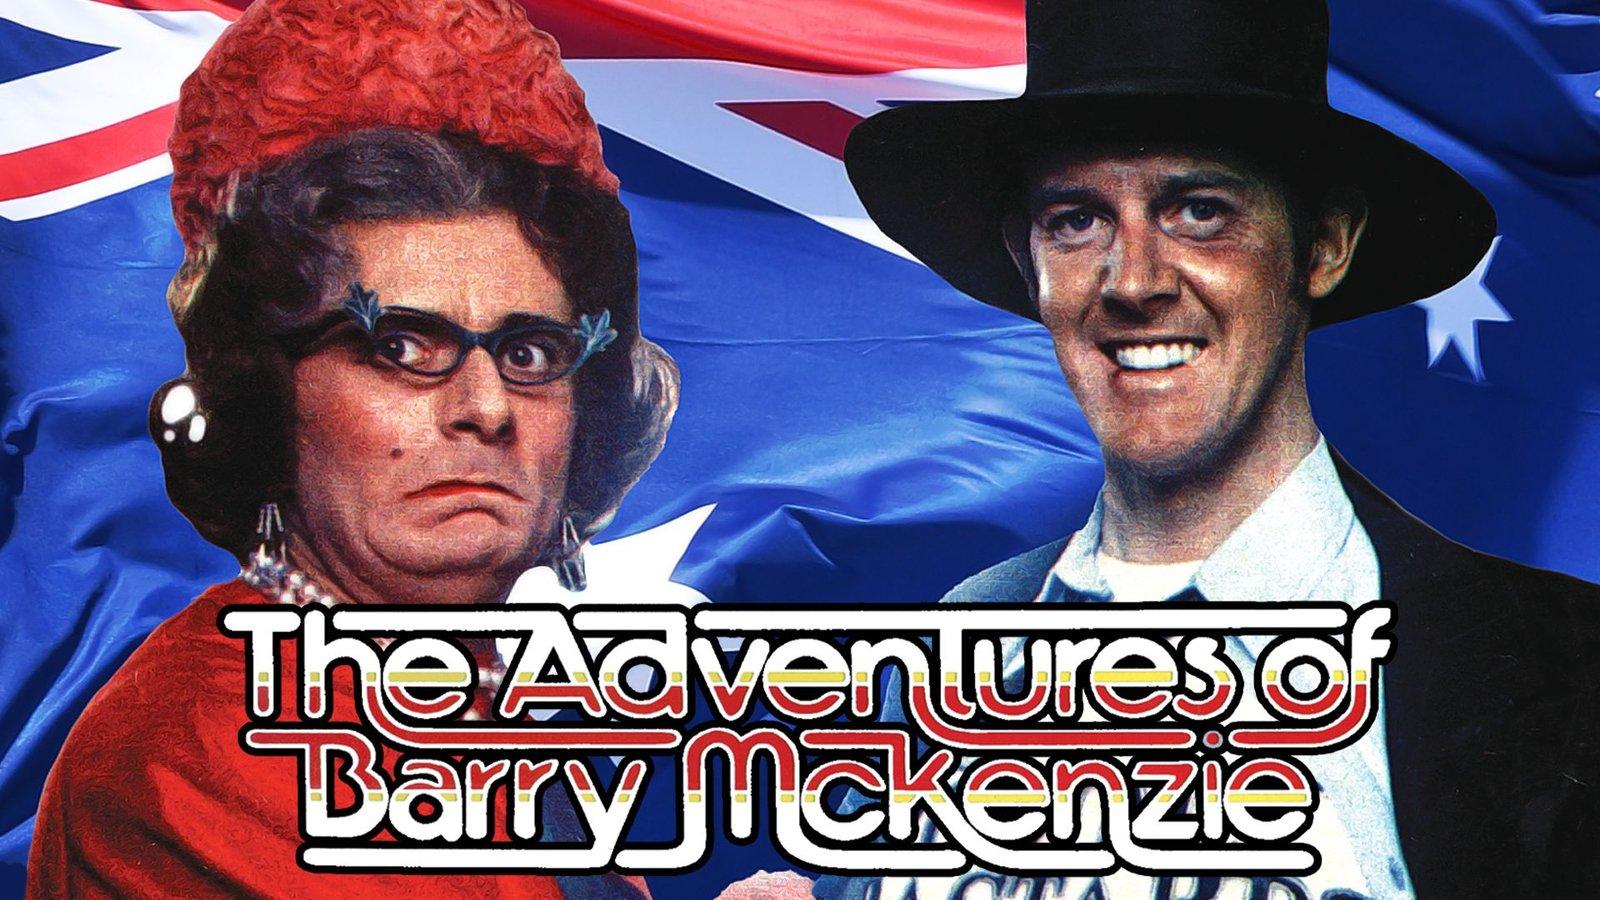 Adventures of Barry McKenzie